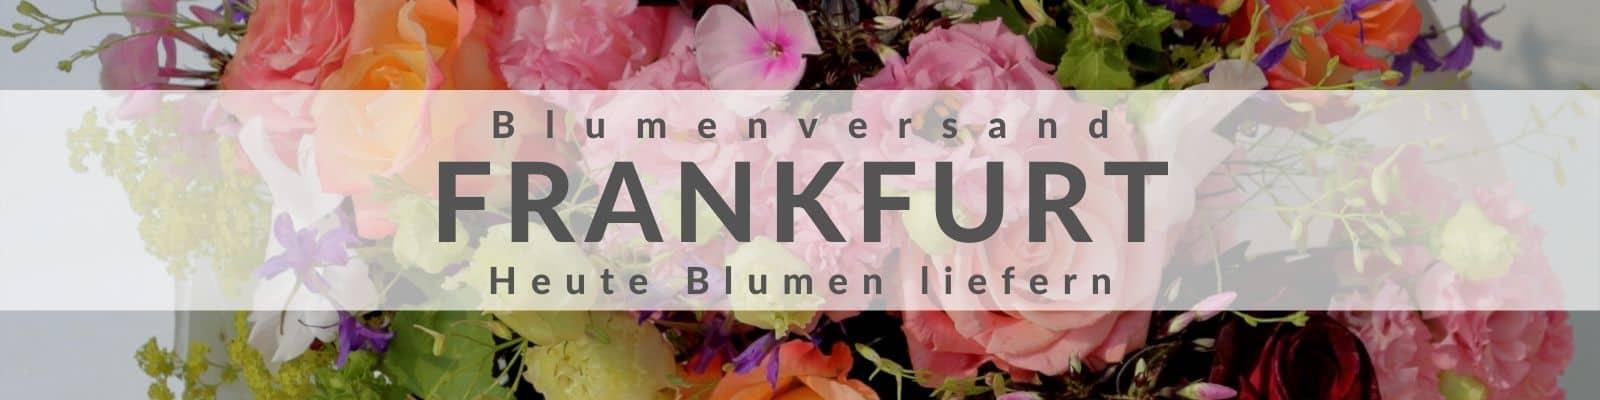 Blumen verschicken Frankfurt - Blumenversand